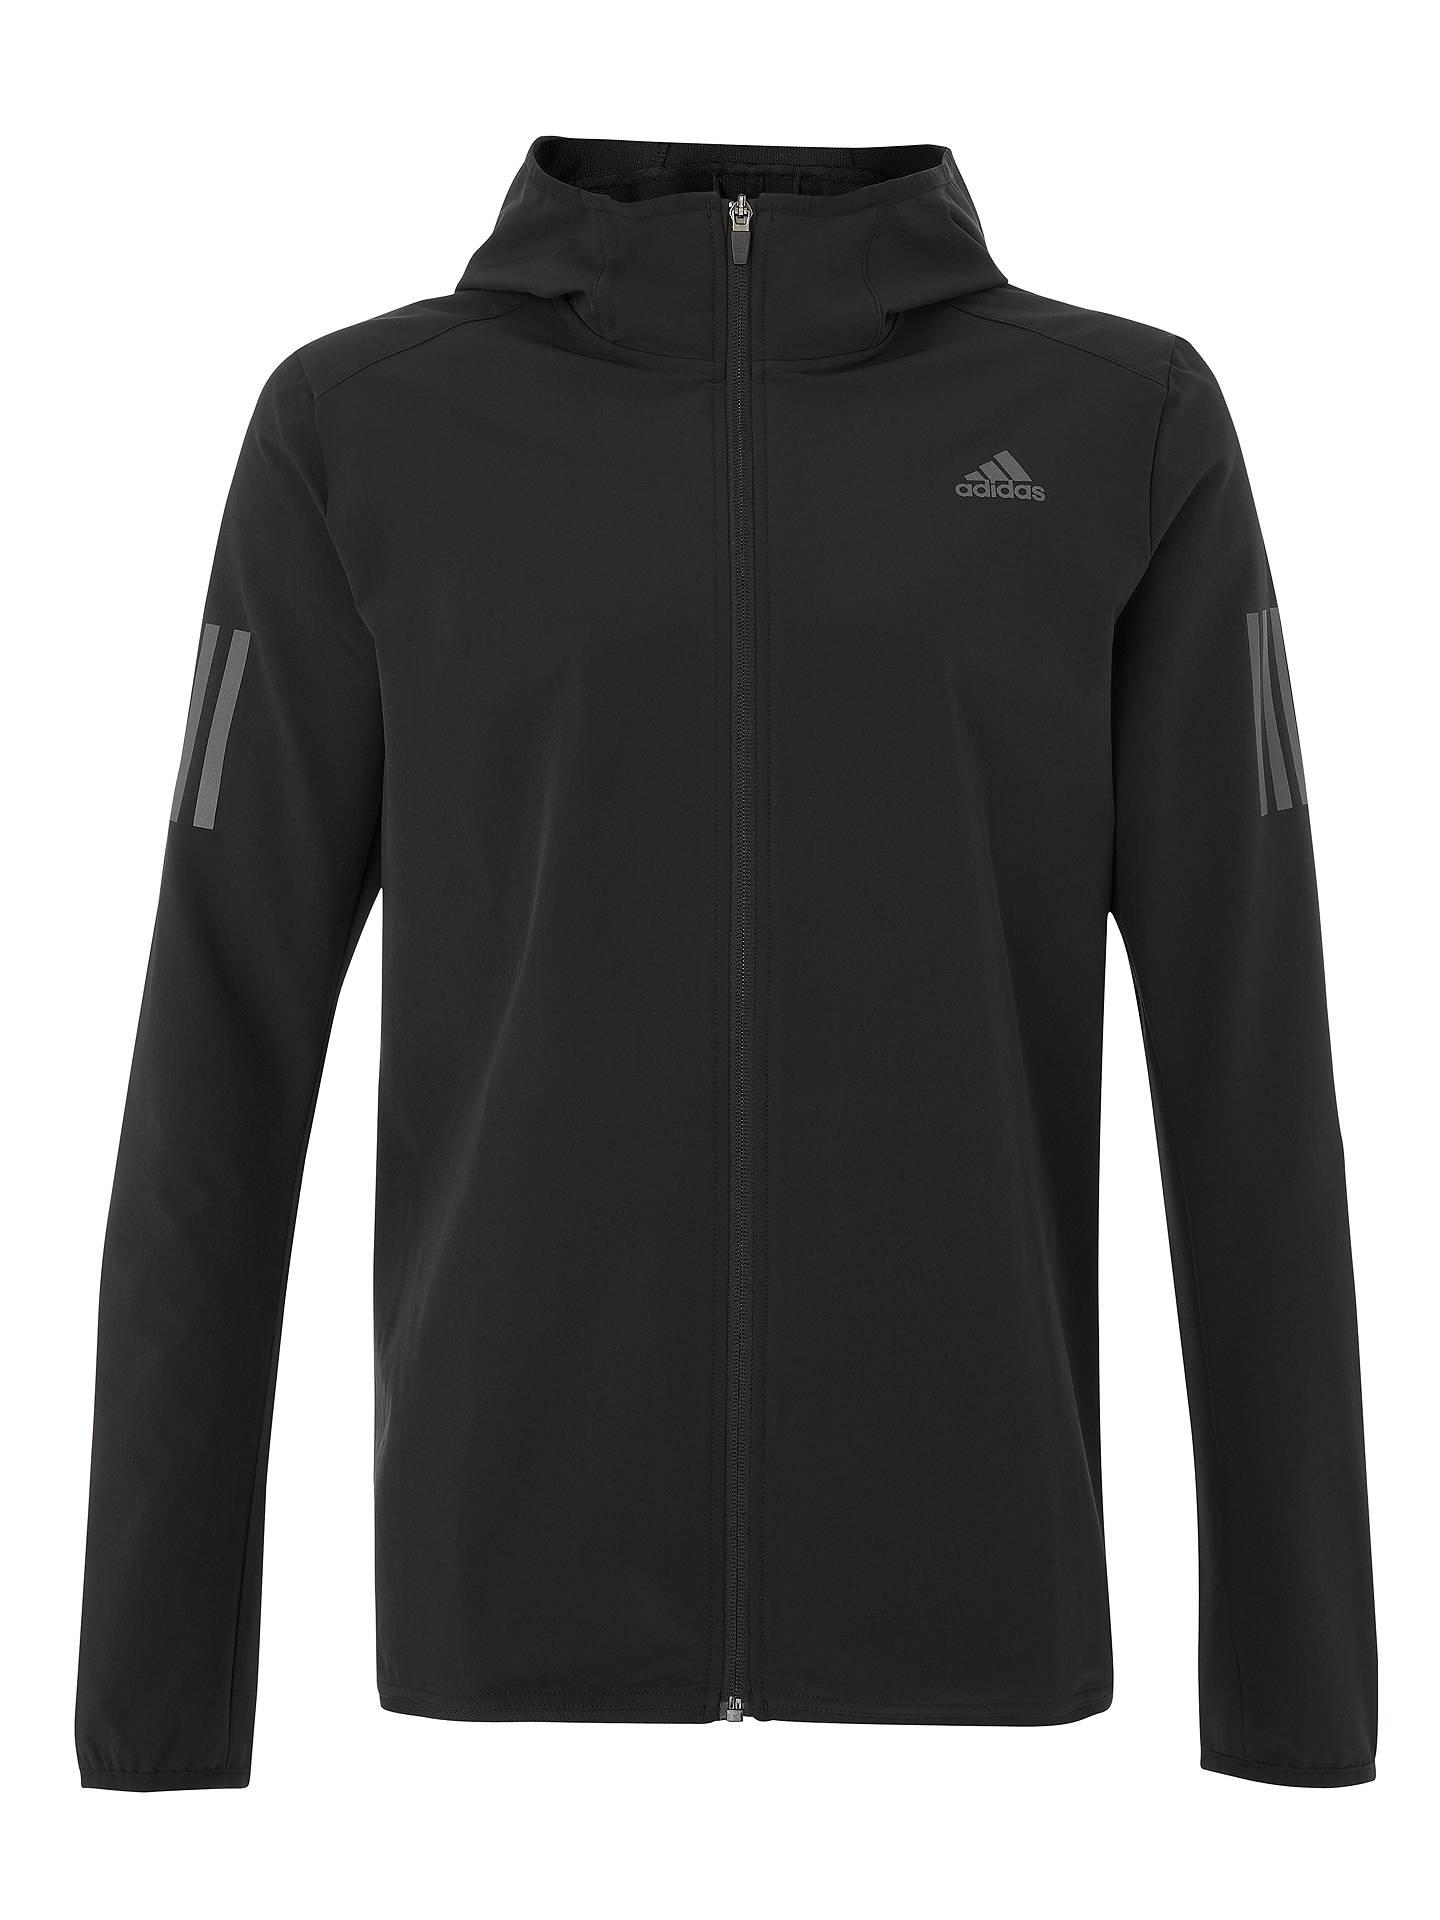 2fdc71795 ... Buy adidas Response Men's Running Jacket, Black, S Online at johnlewis.  ...